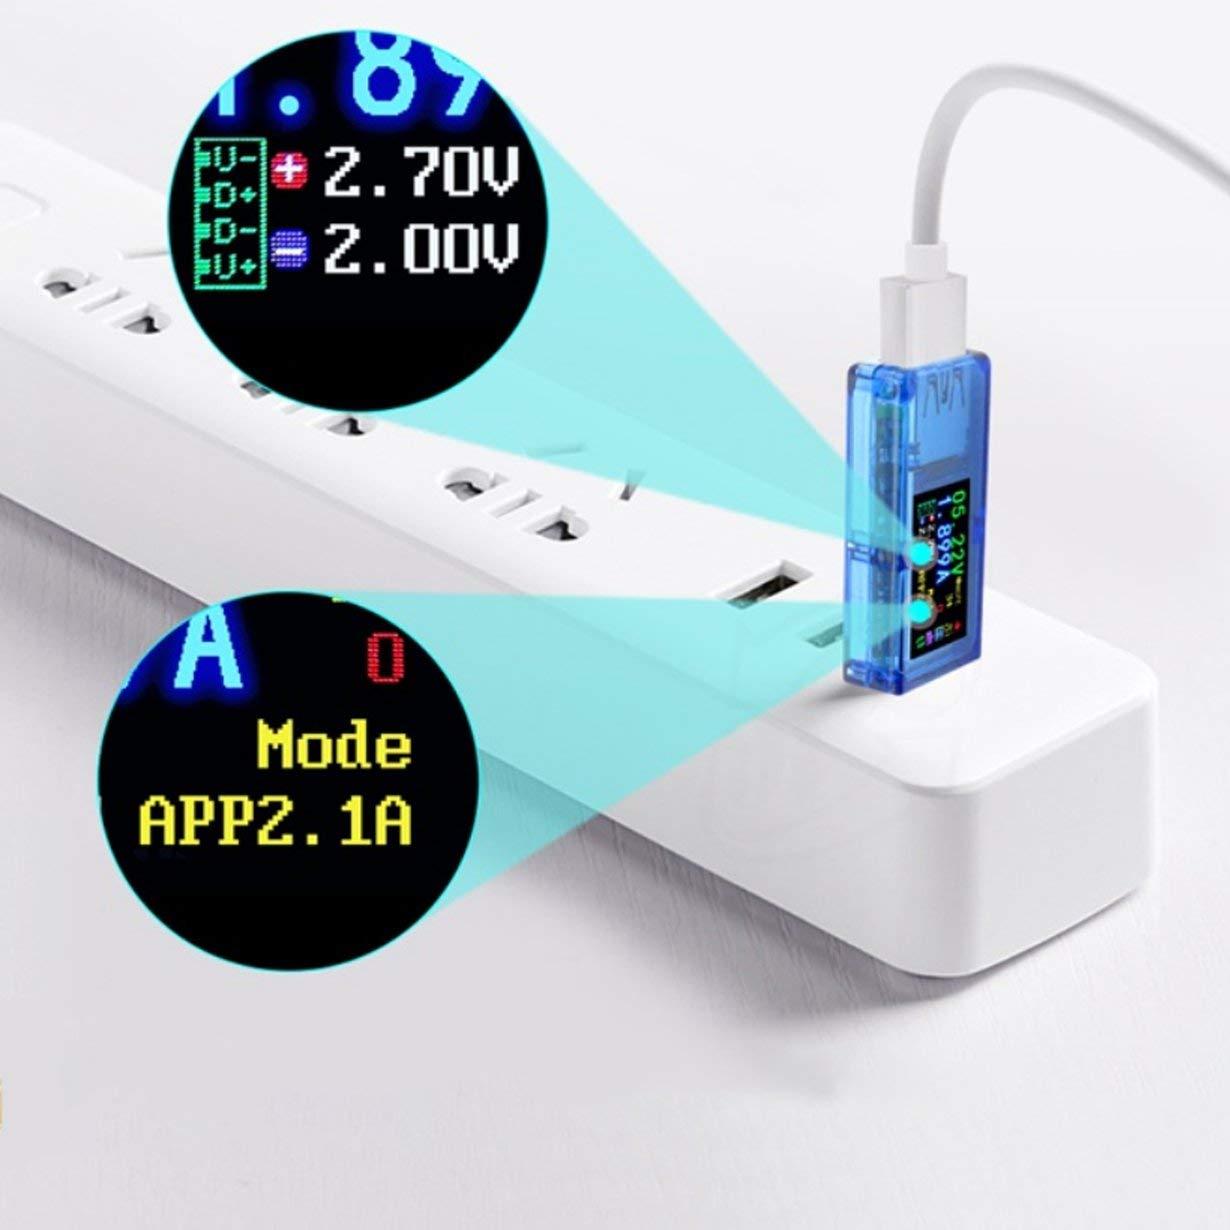 bleu AT34 USB3.0 IPS HD /écran couleur USB Tension testeur Capacit/é courant d/énergie Puissance imp/édance /équivalente testeur de temp/érature